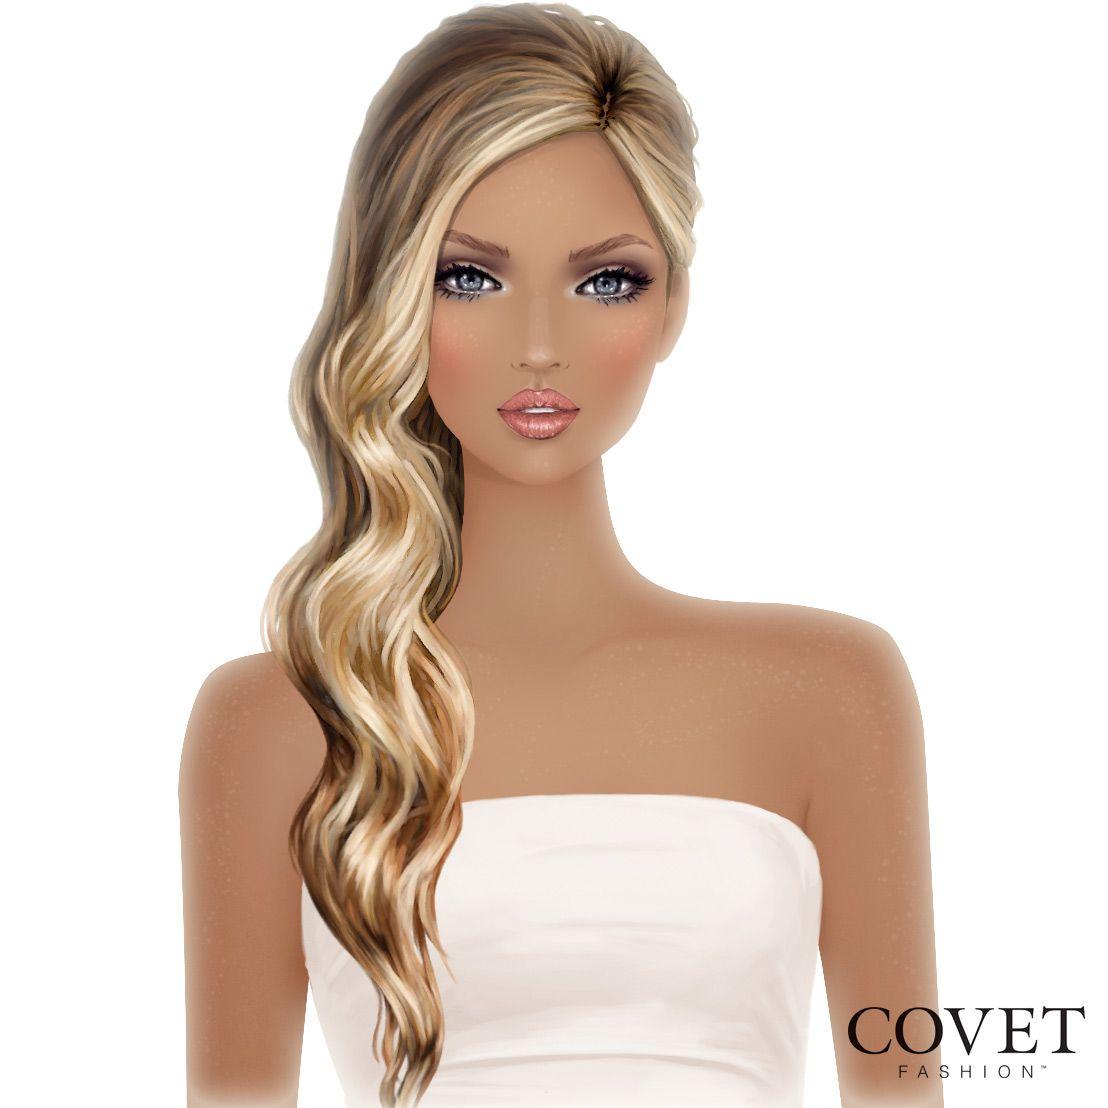 Covet fashion free money M: Customer reviews: Covet Fashion - Dress Up Game